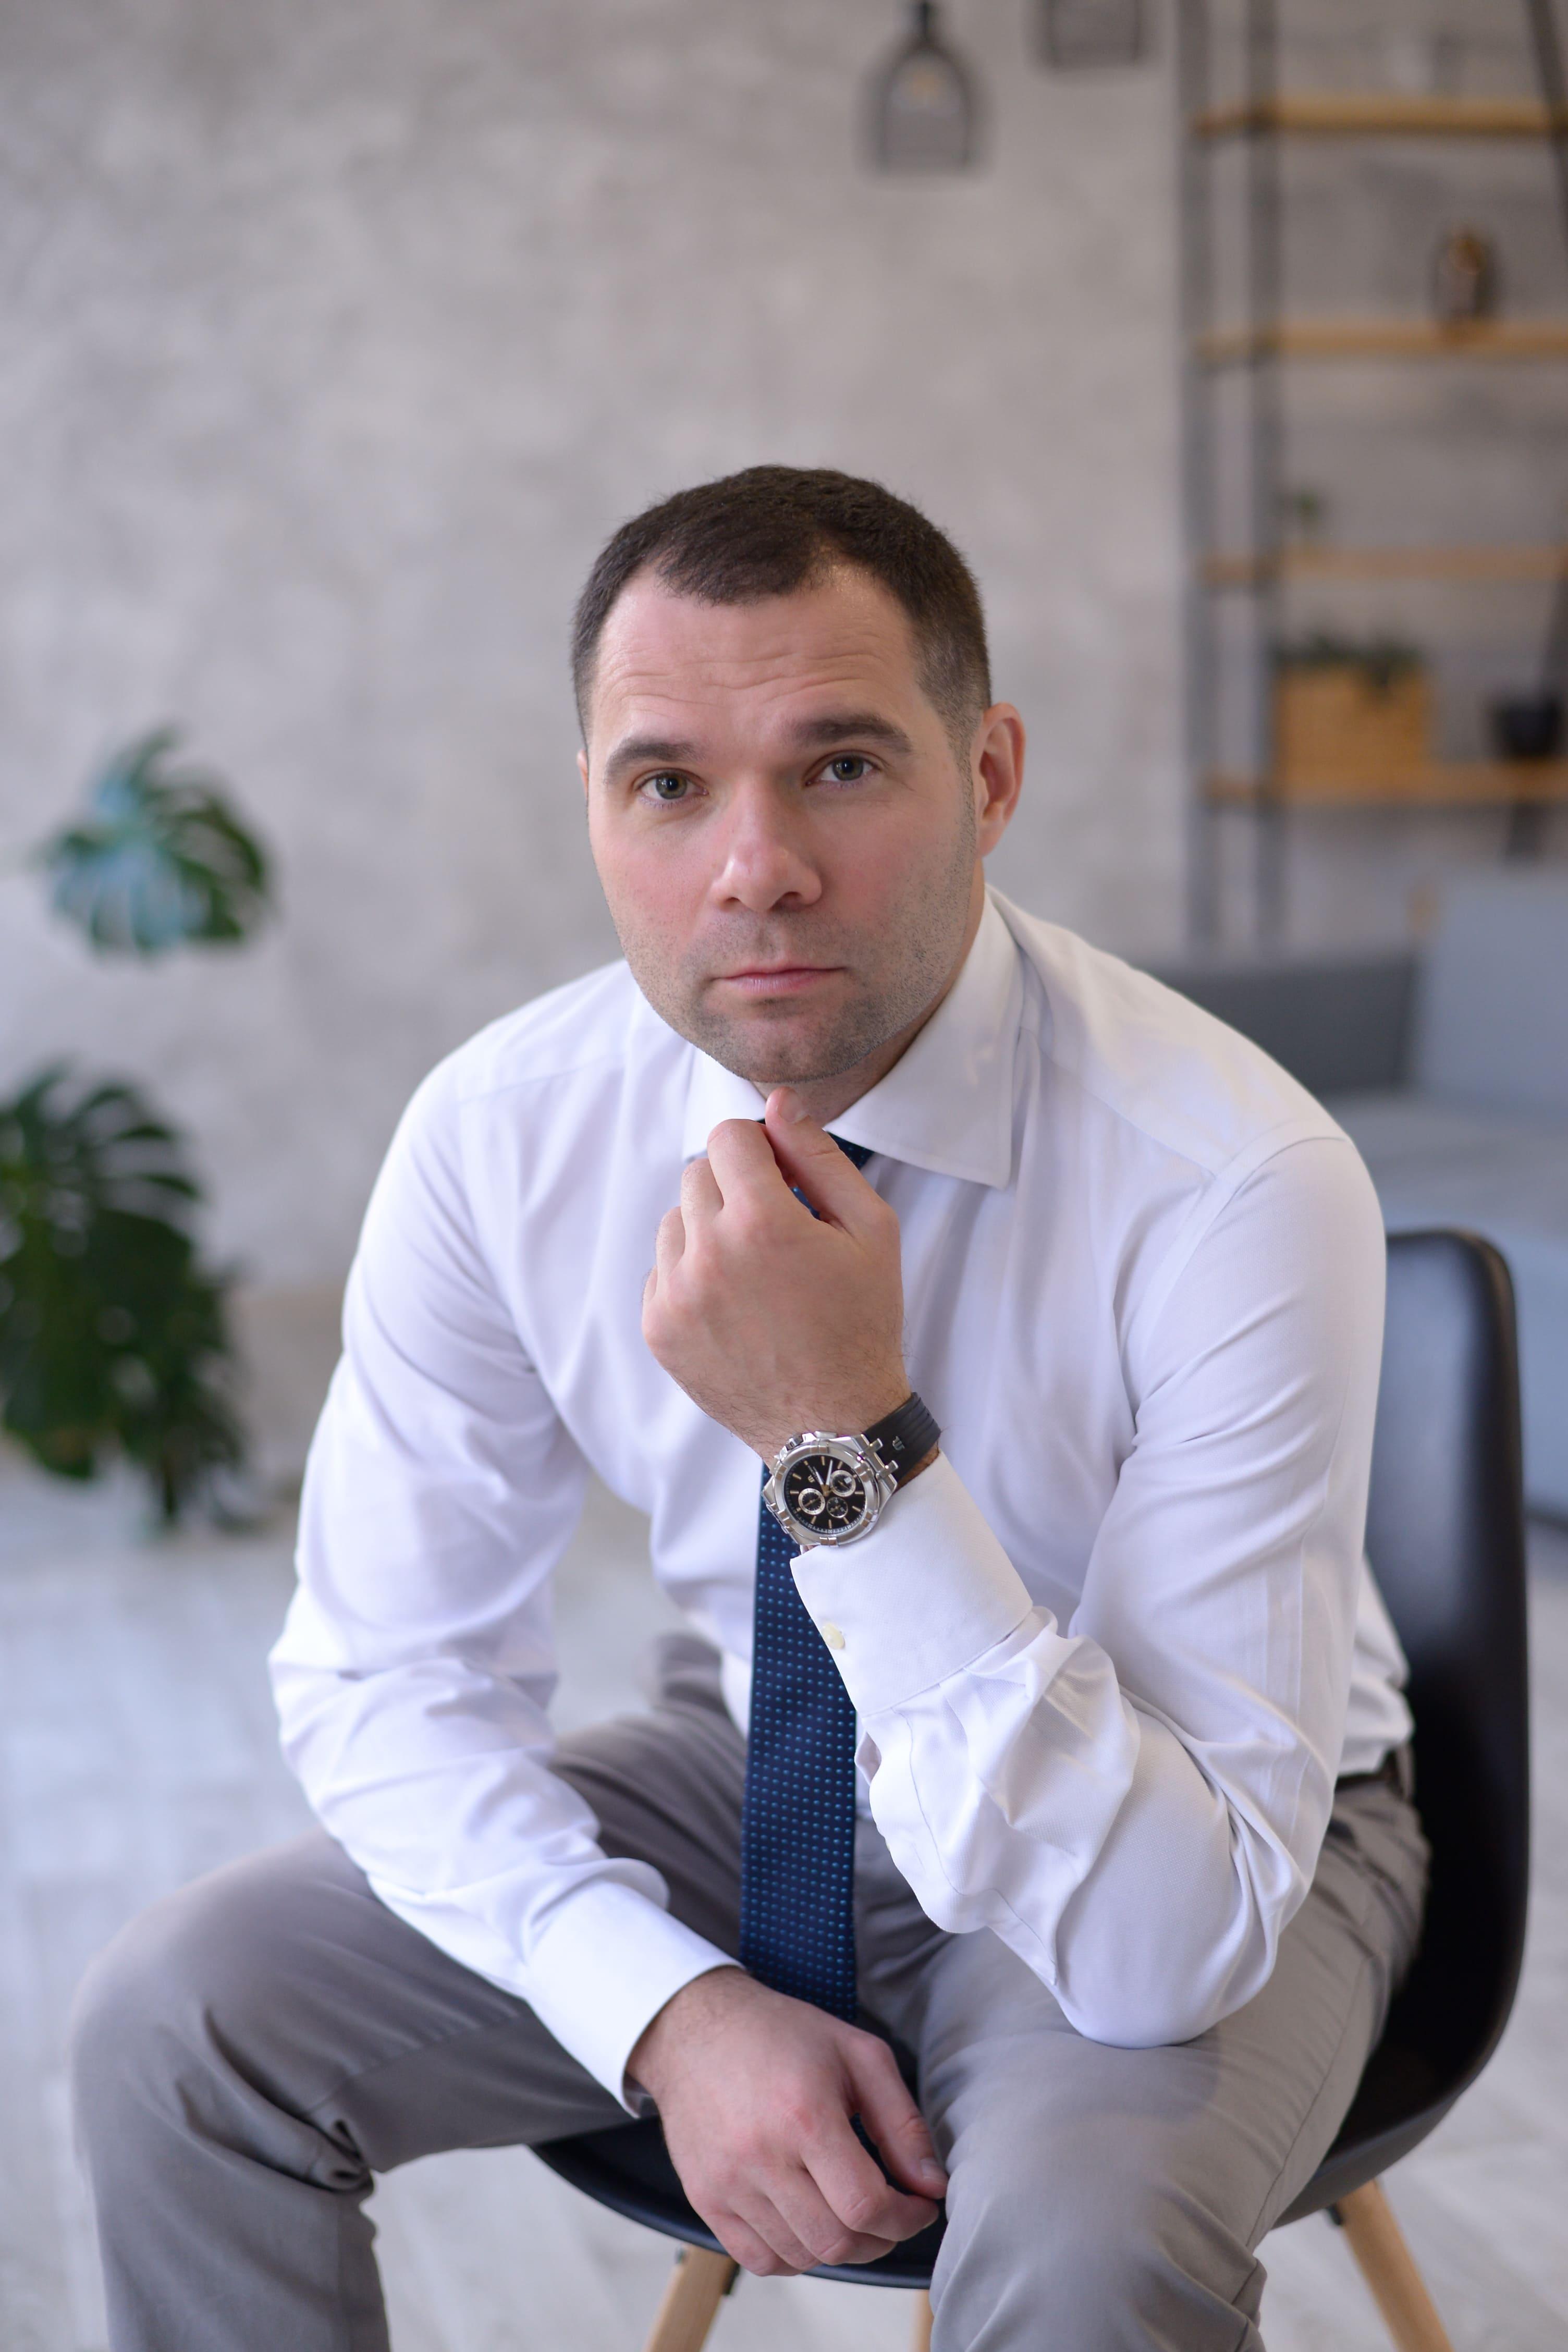 Усенко Антон Володимирович, адвокат, юрист у Запоріжжі по міграційним питанням, автоадвокат у Запоріжжі, юридичні послуги та консультації